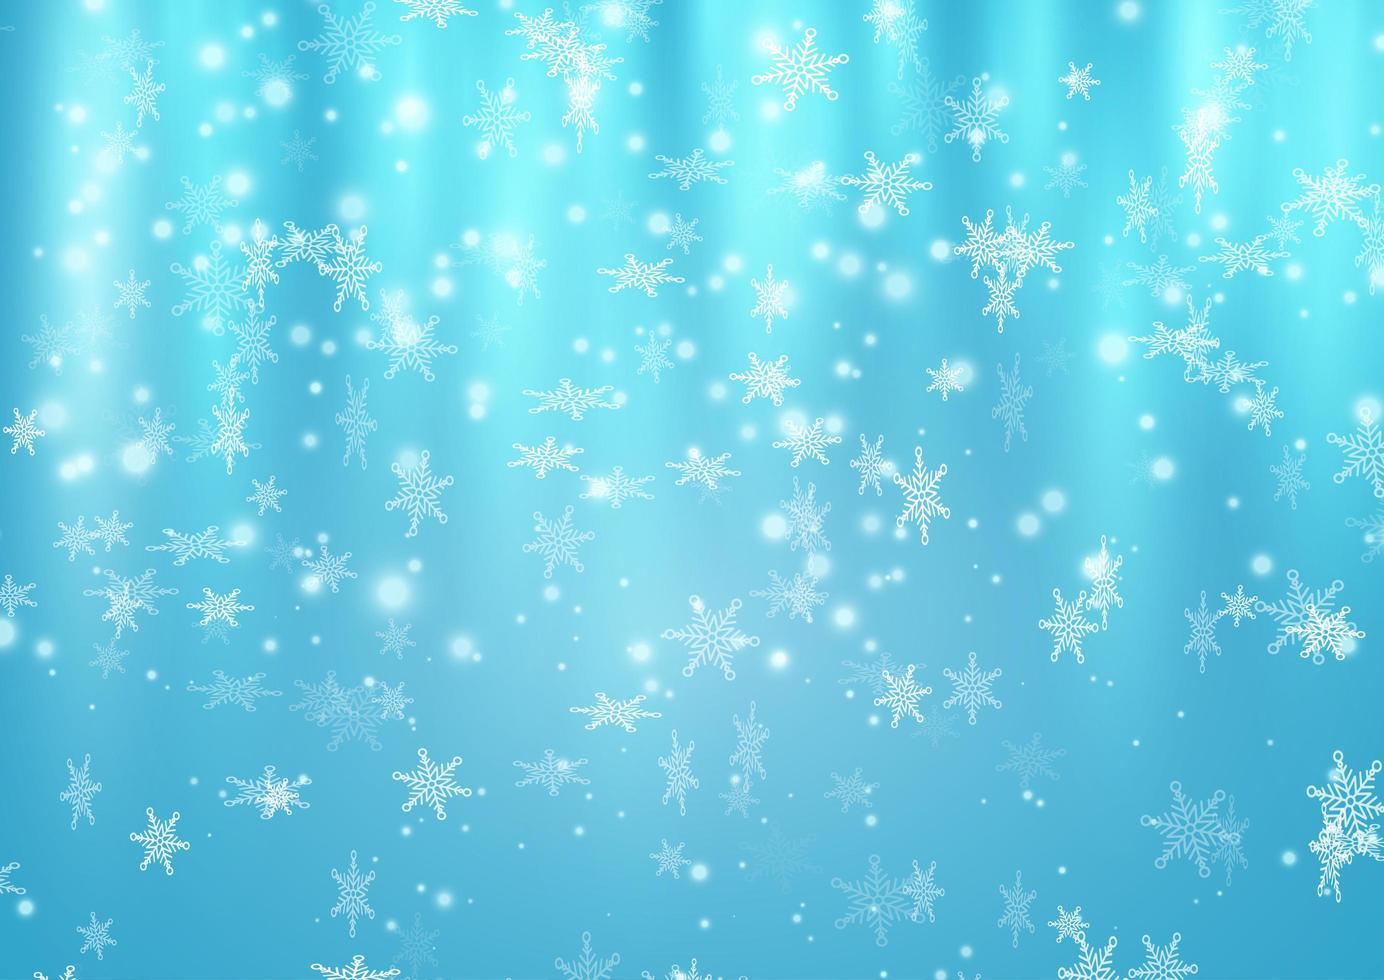 fond bleu de noël avec des flocons de neige tombant vecteur